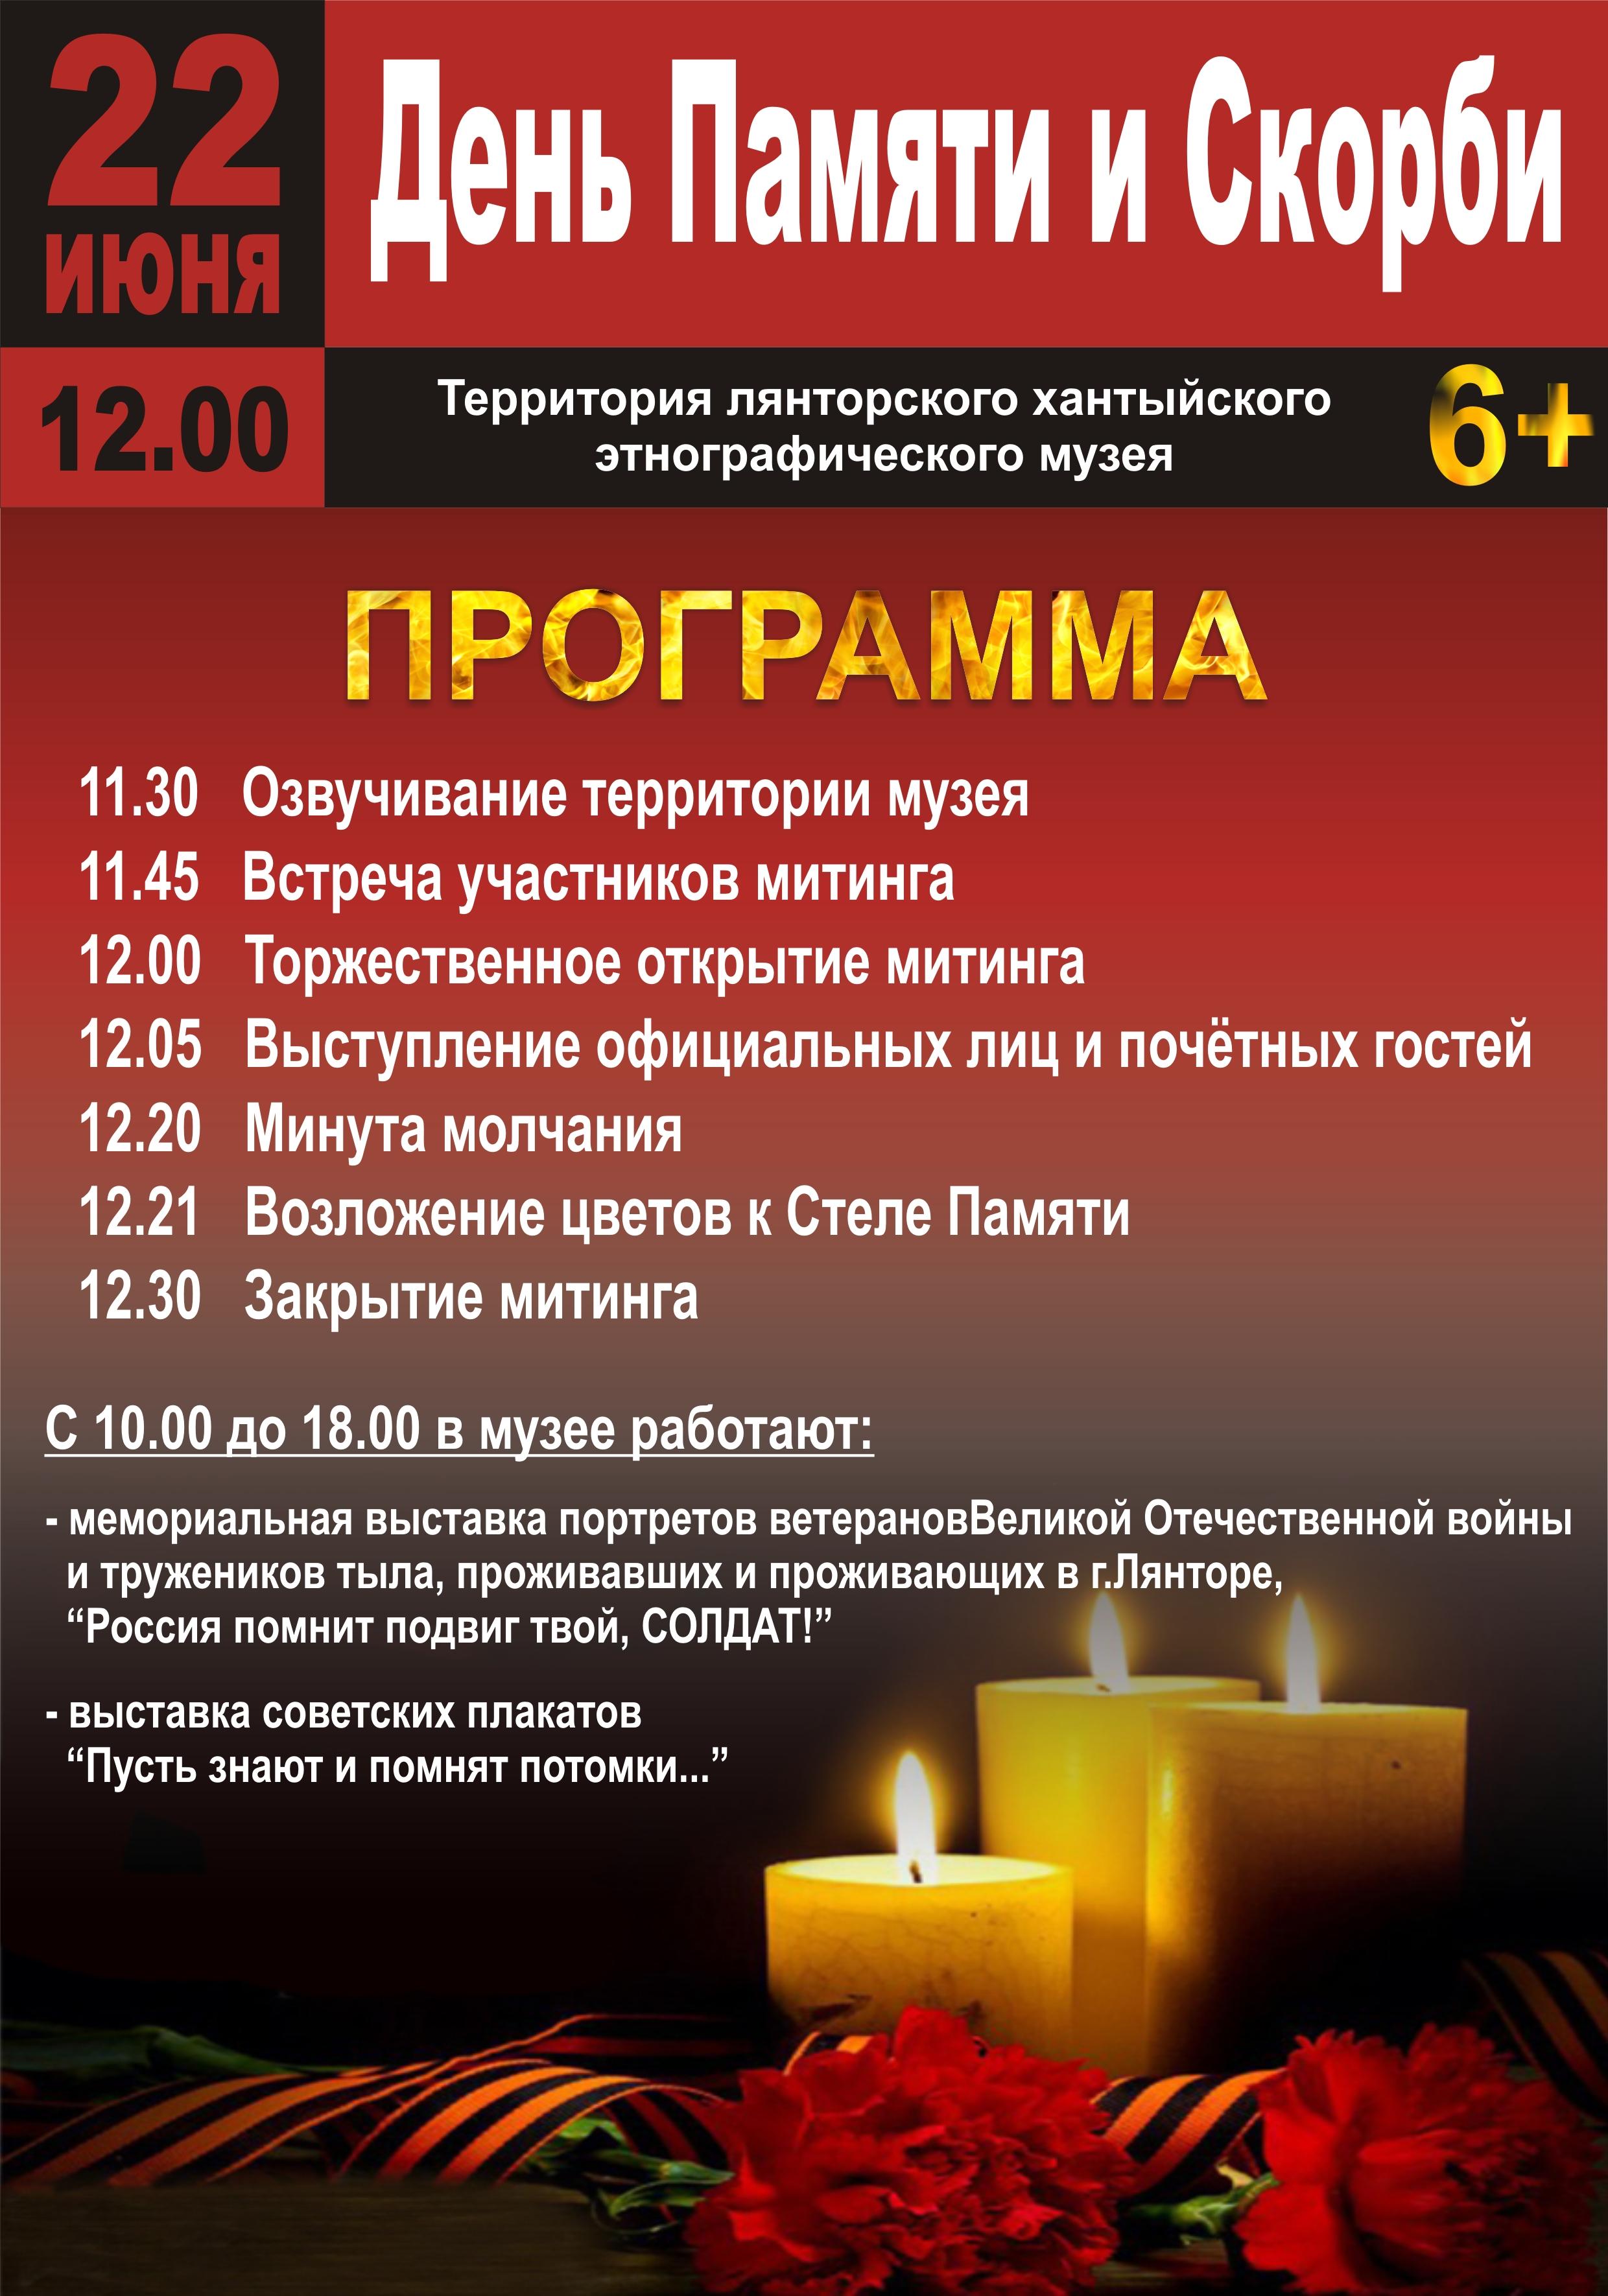 Живые Открытки на День Памяти и Скорби - Бесплатные Открытки на 60